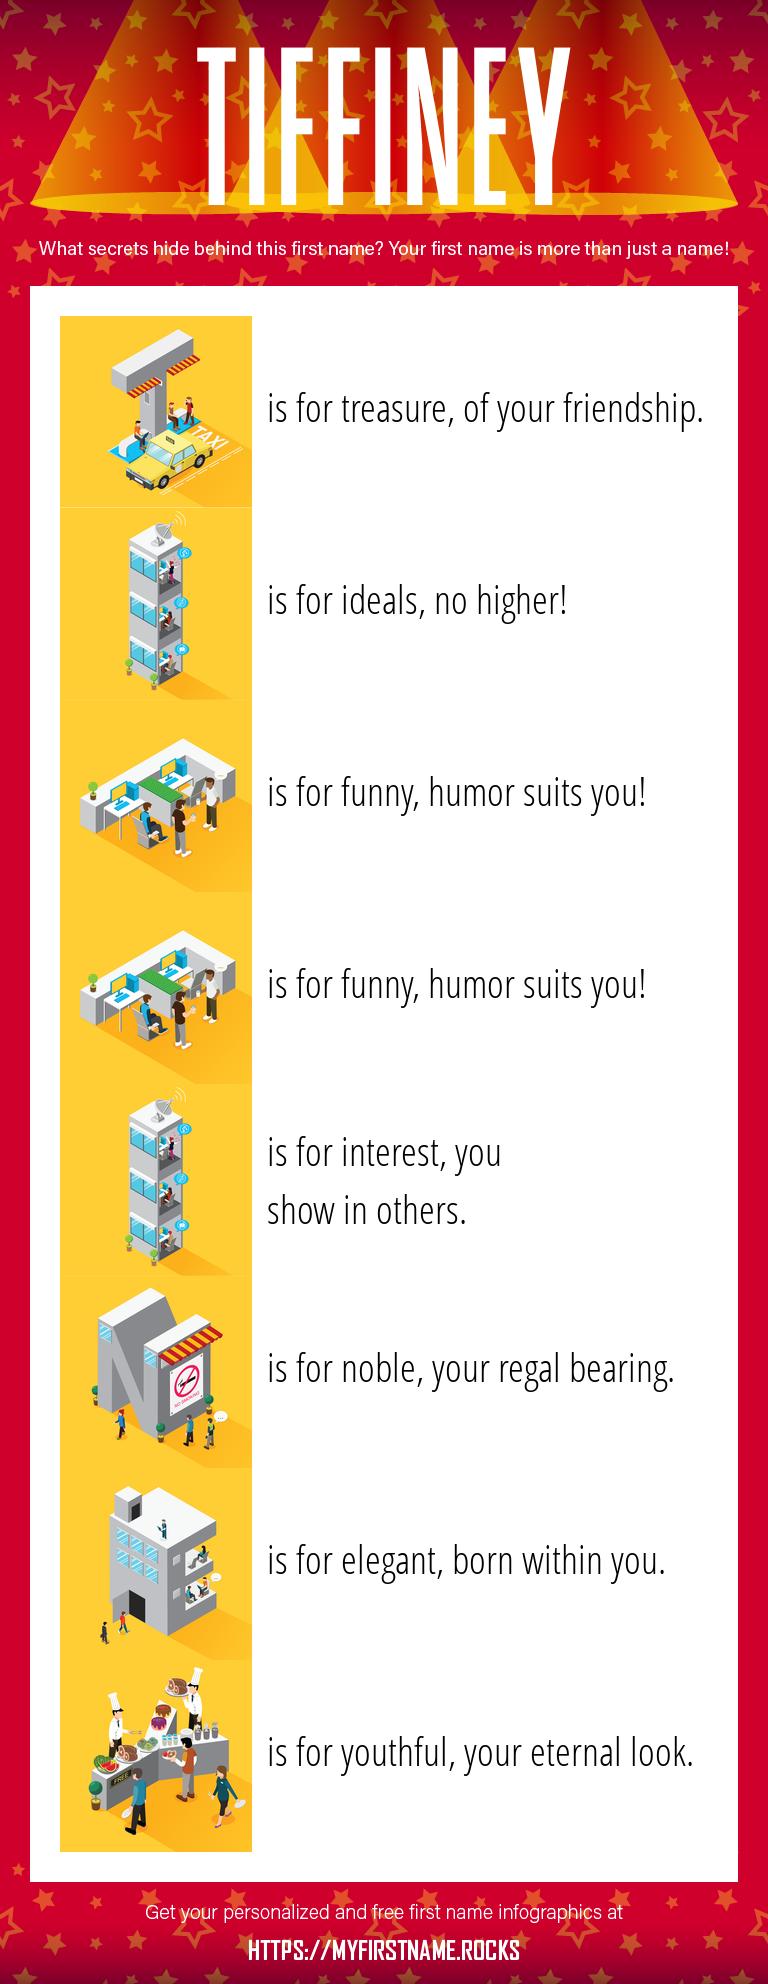 Tiffiney Infographics